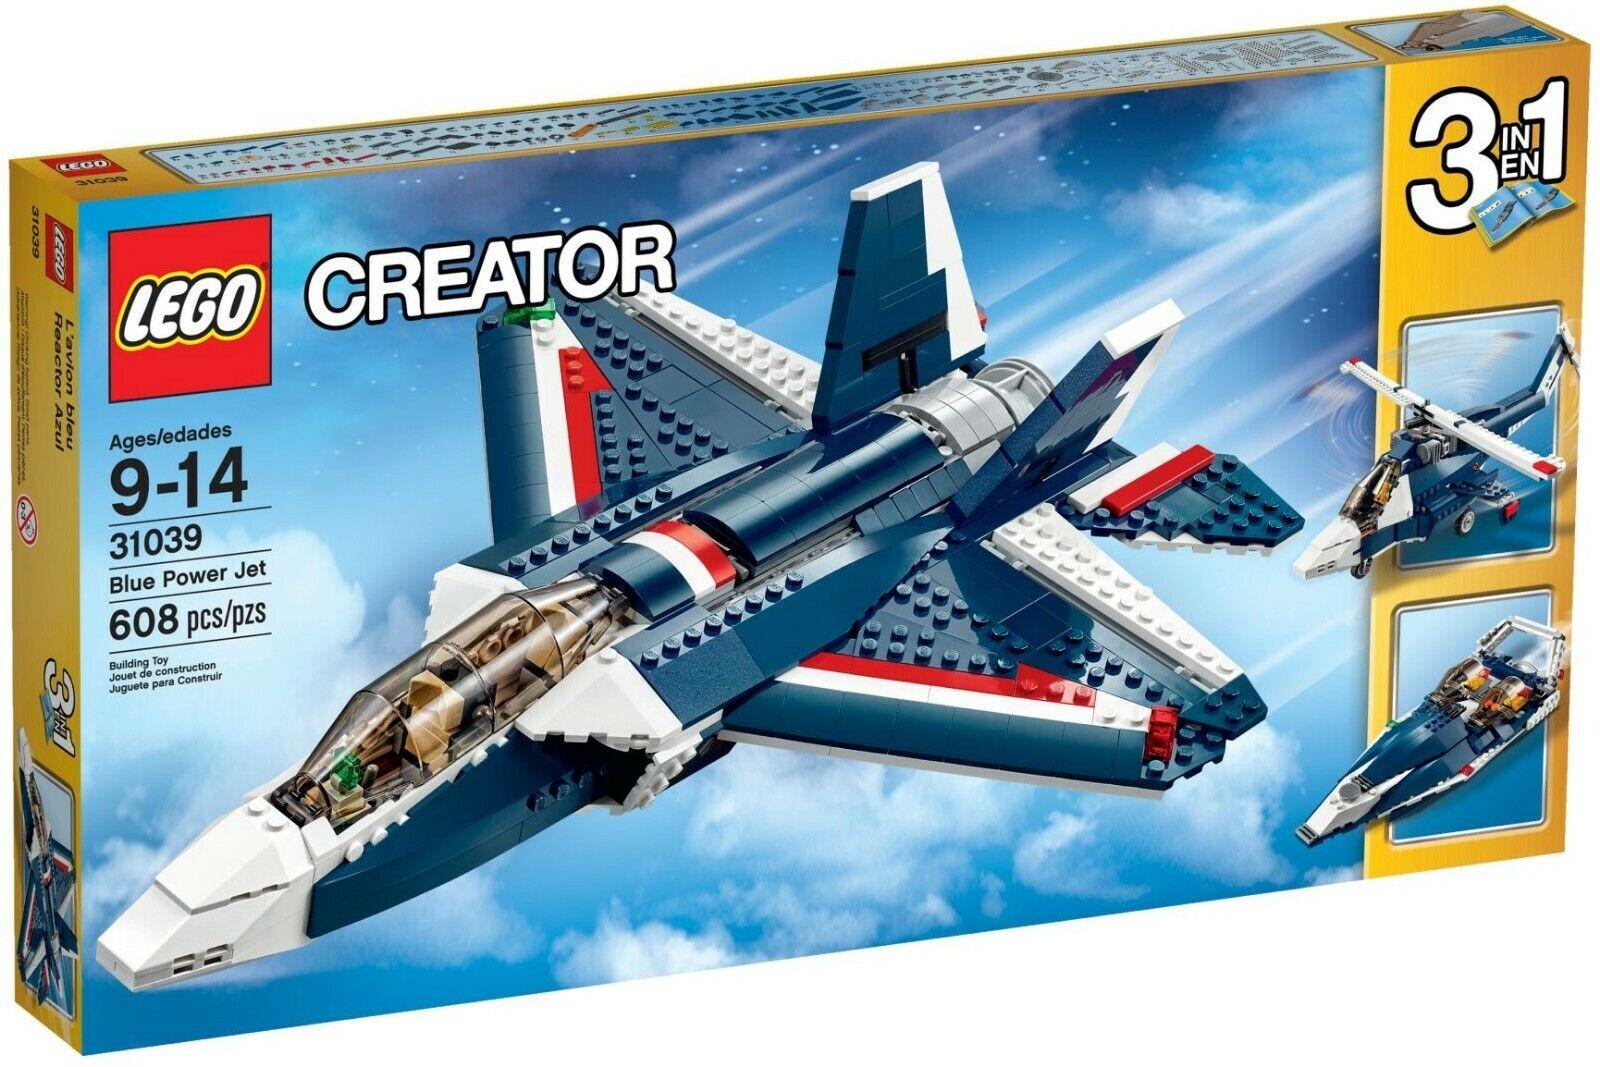 Lego 31039 - Skapare 3 in 1 blå Power Jet (pensionerad )Ny i förseglad ruta